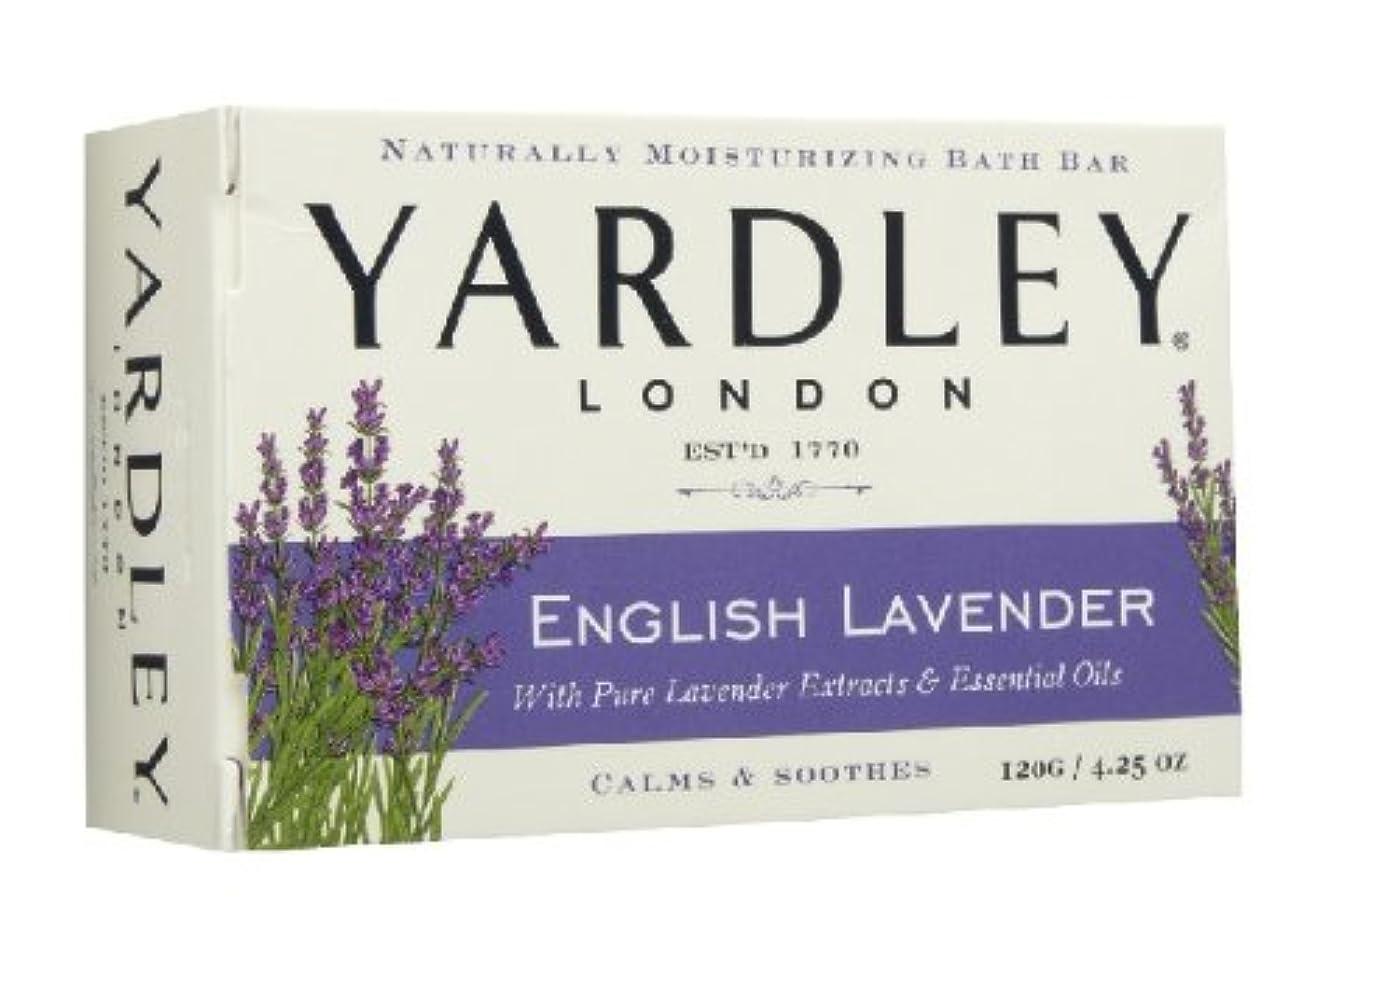 【2個 ハワイ直送品】Yardley London English Lavender Verbena Moisturizing Bath Bar ヤードリー イングリッシュラベンダー ソープ 120g